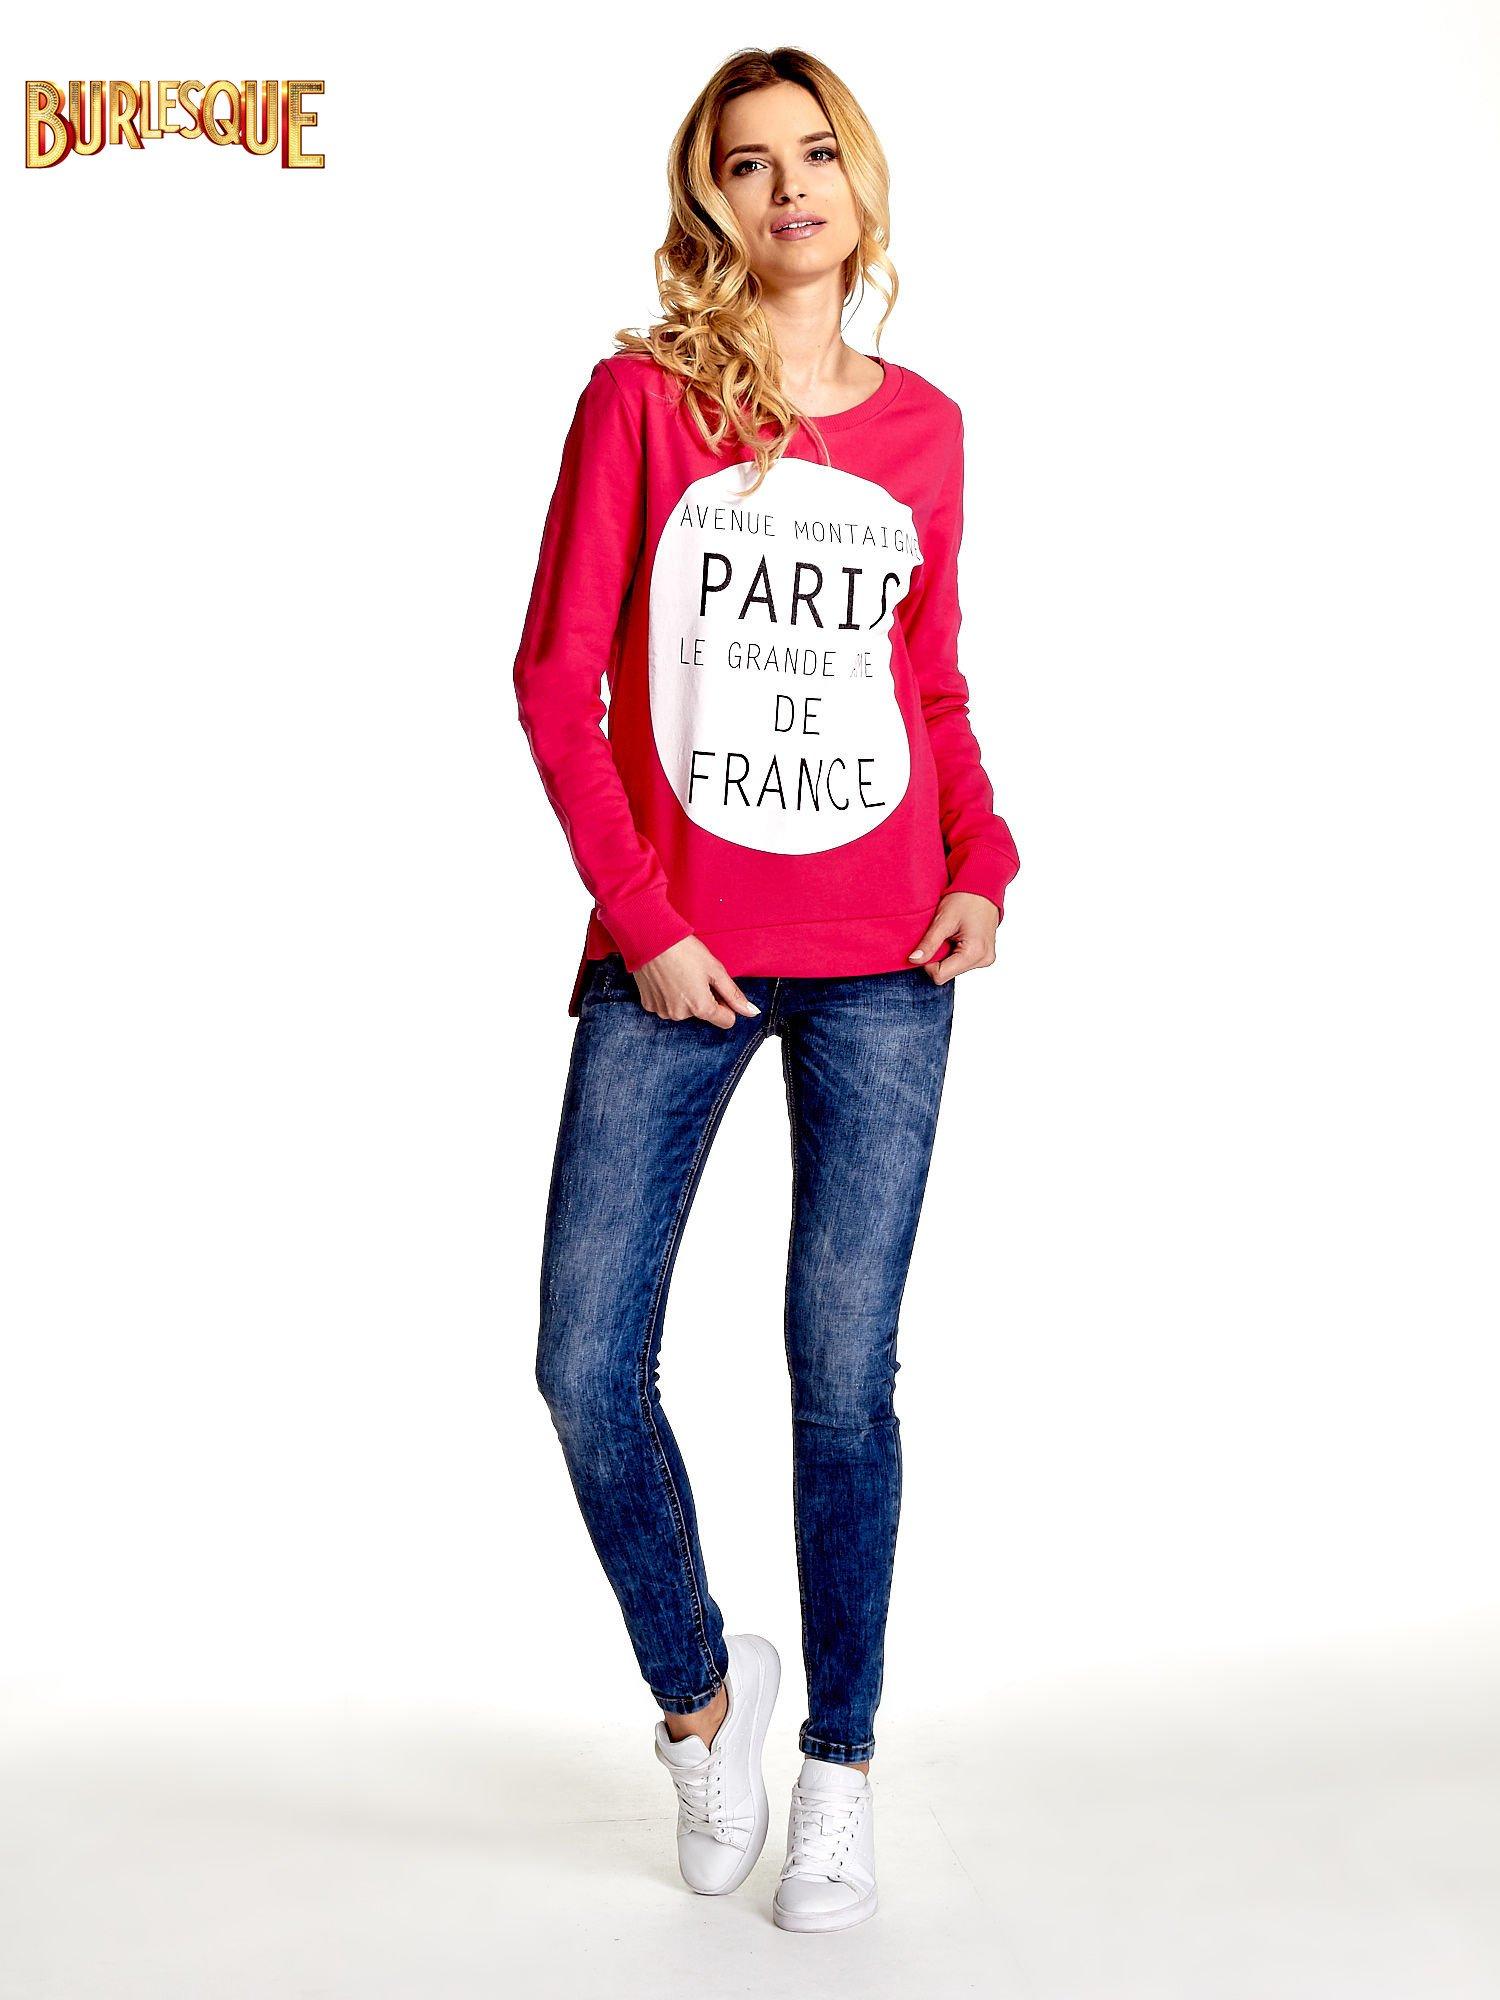 Rózowa klasyczna bluza damska z napisem AVENUE MONTAIGNE                                  zdj.                                  4